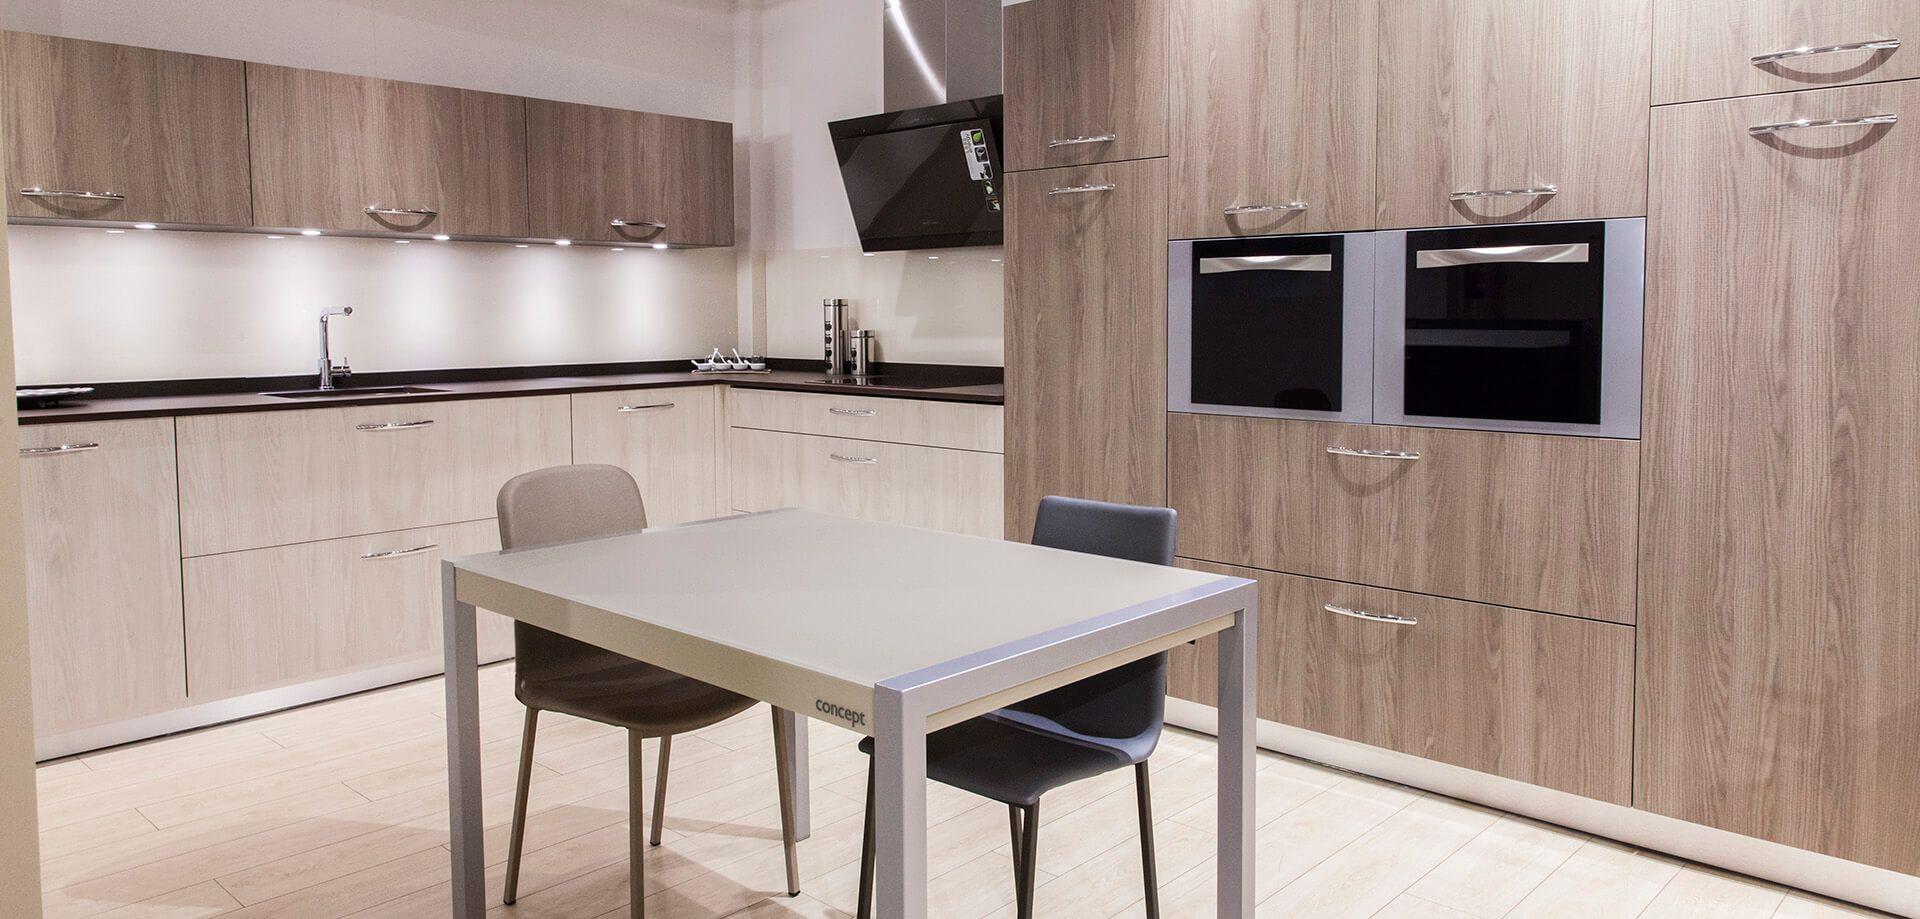 Fabricantes de muebles de cocina madrid catalogo muebles for Modelos de muebles de cocina 2016